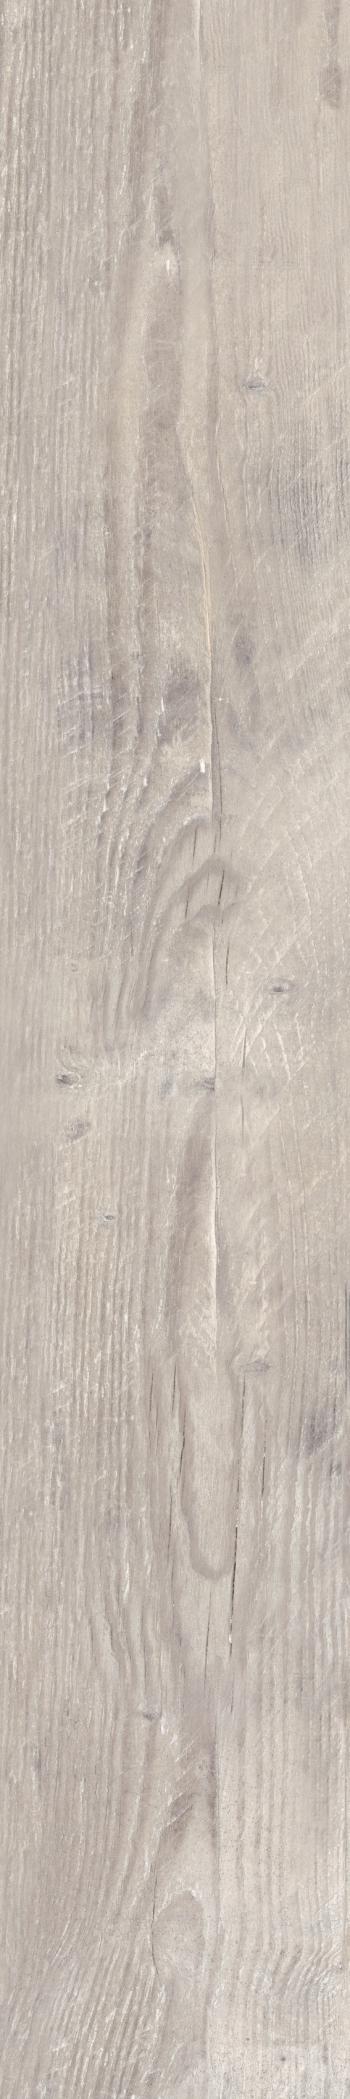 Timber пепельный 1198х198х10